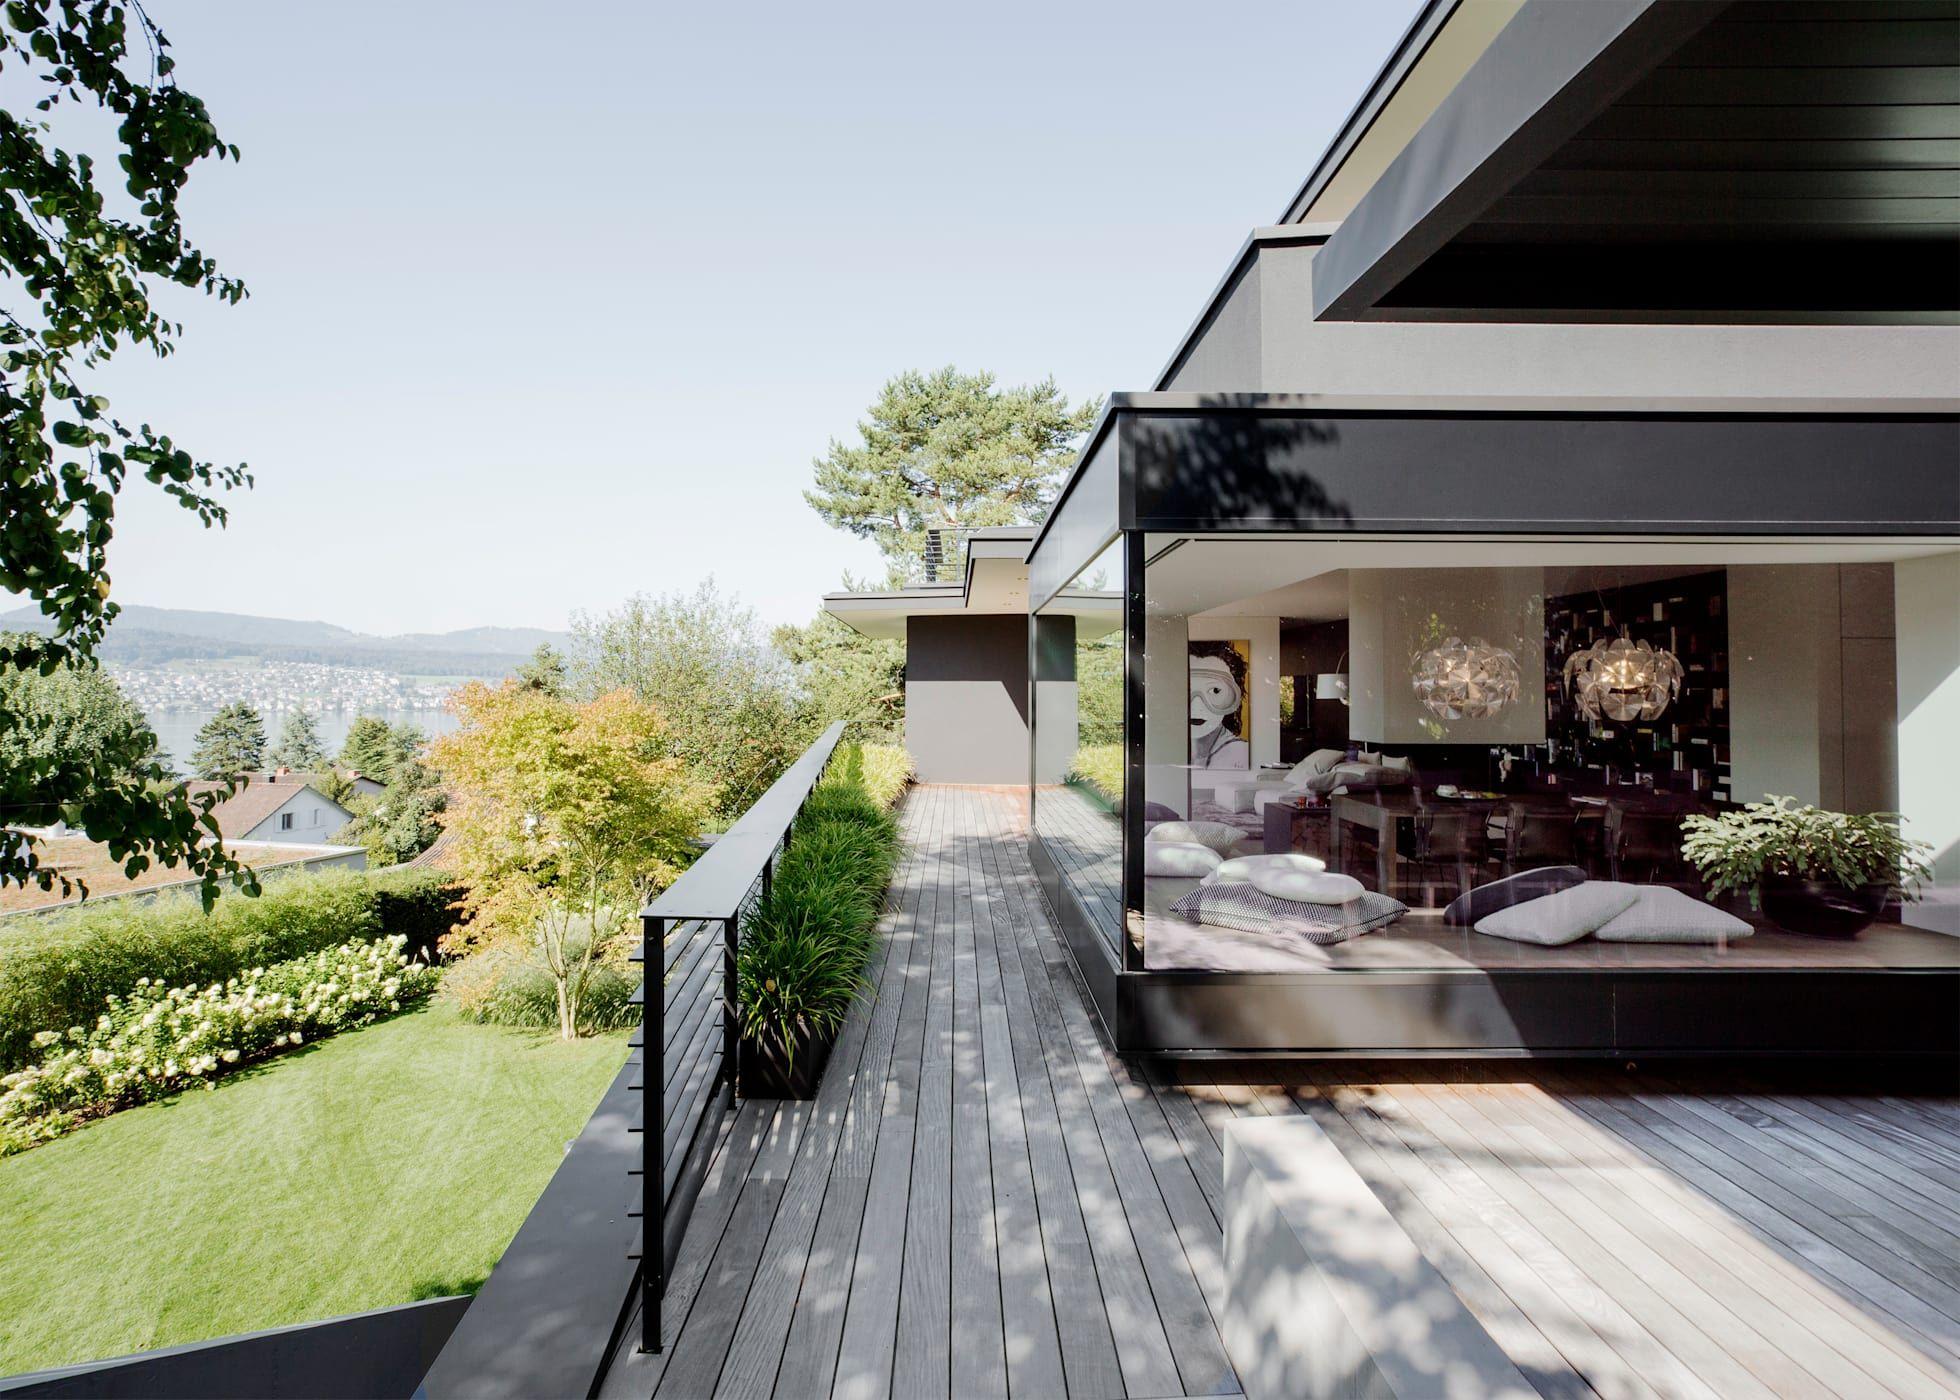 Balcon Veranda Terrasse Modernes Par Meier Architekten Zurich